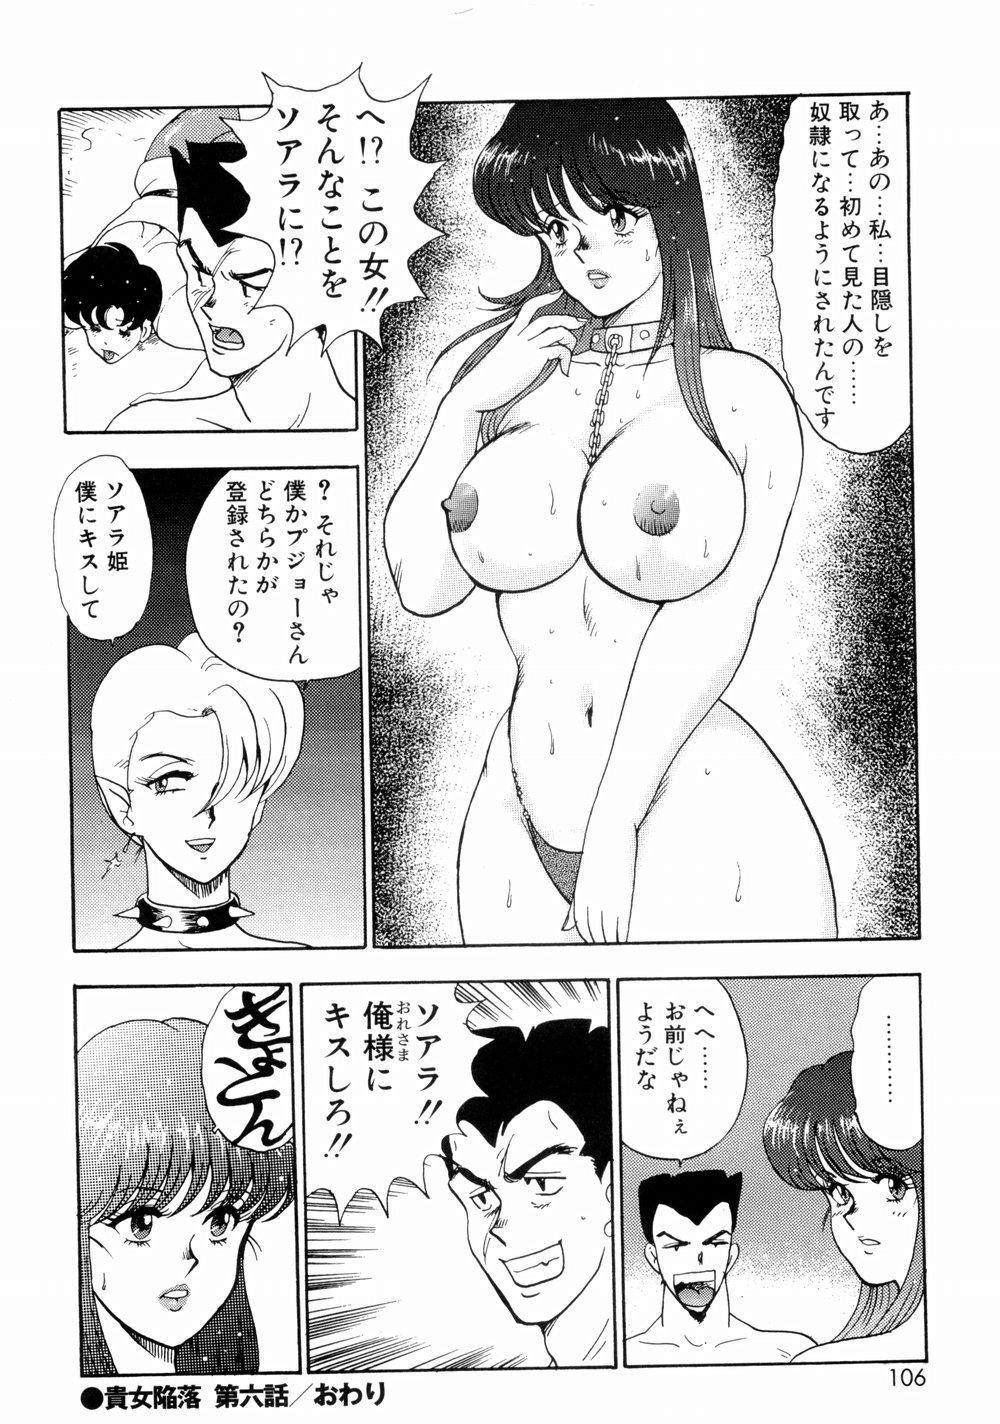 Kijyo Kanraku 107